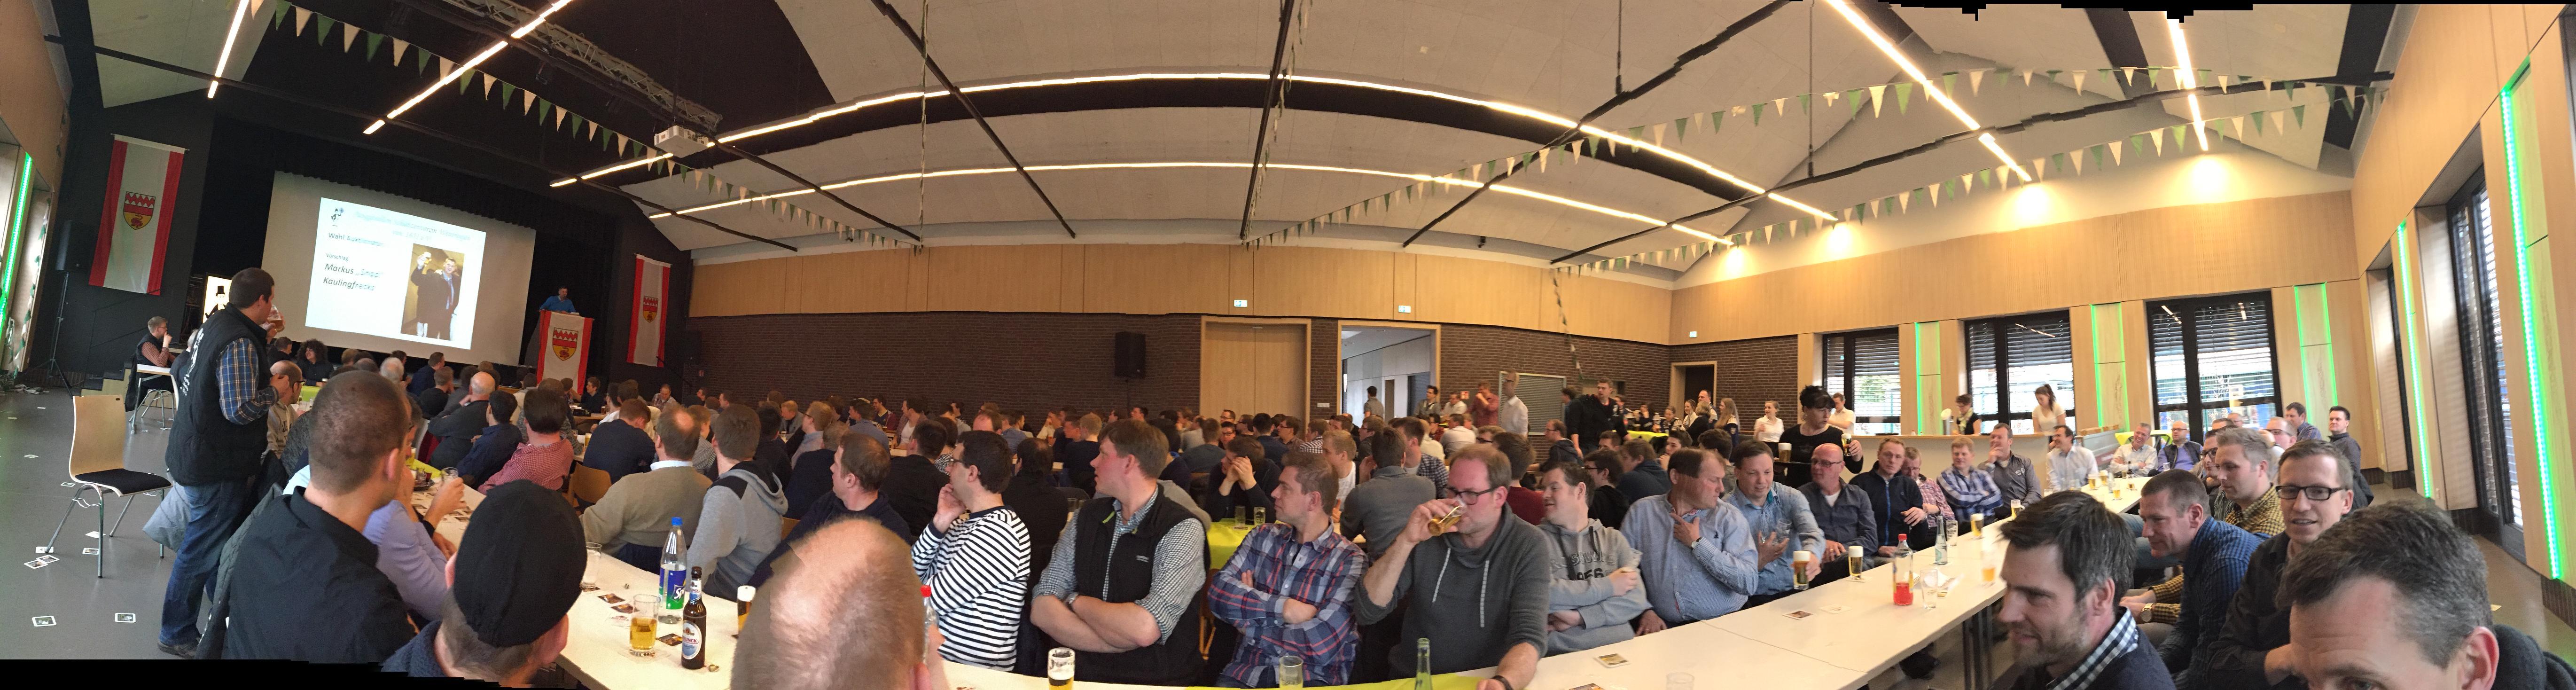 Über 100 Clients bei Veranstaltung in Wettringen – Freifunk Münsterland